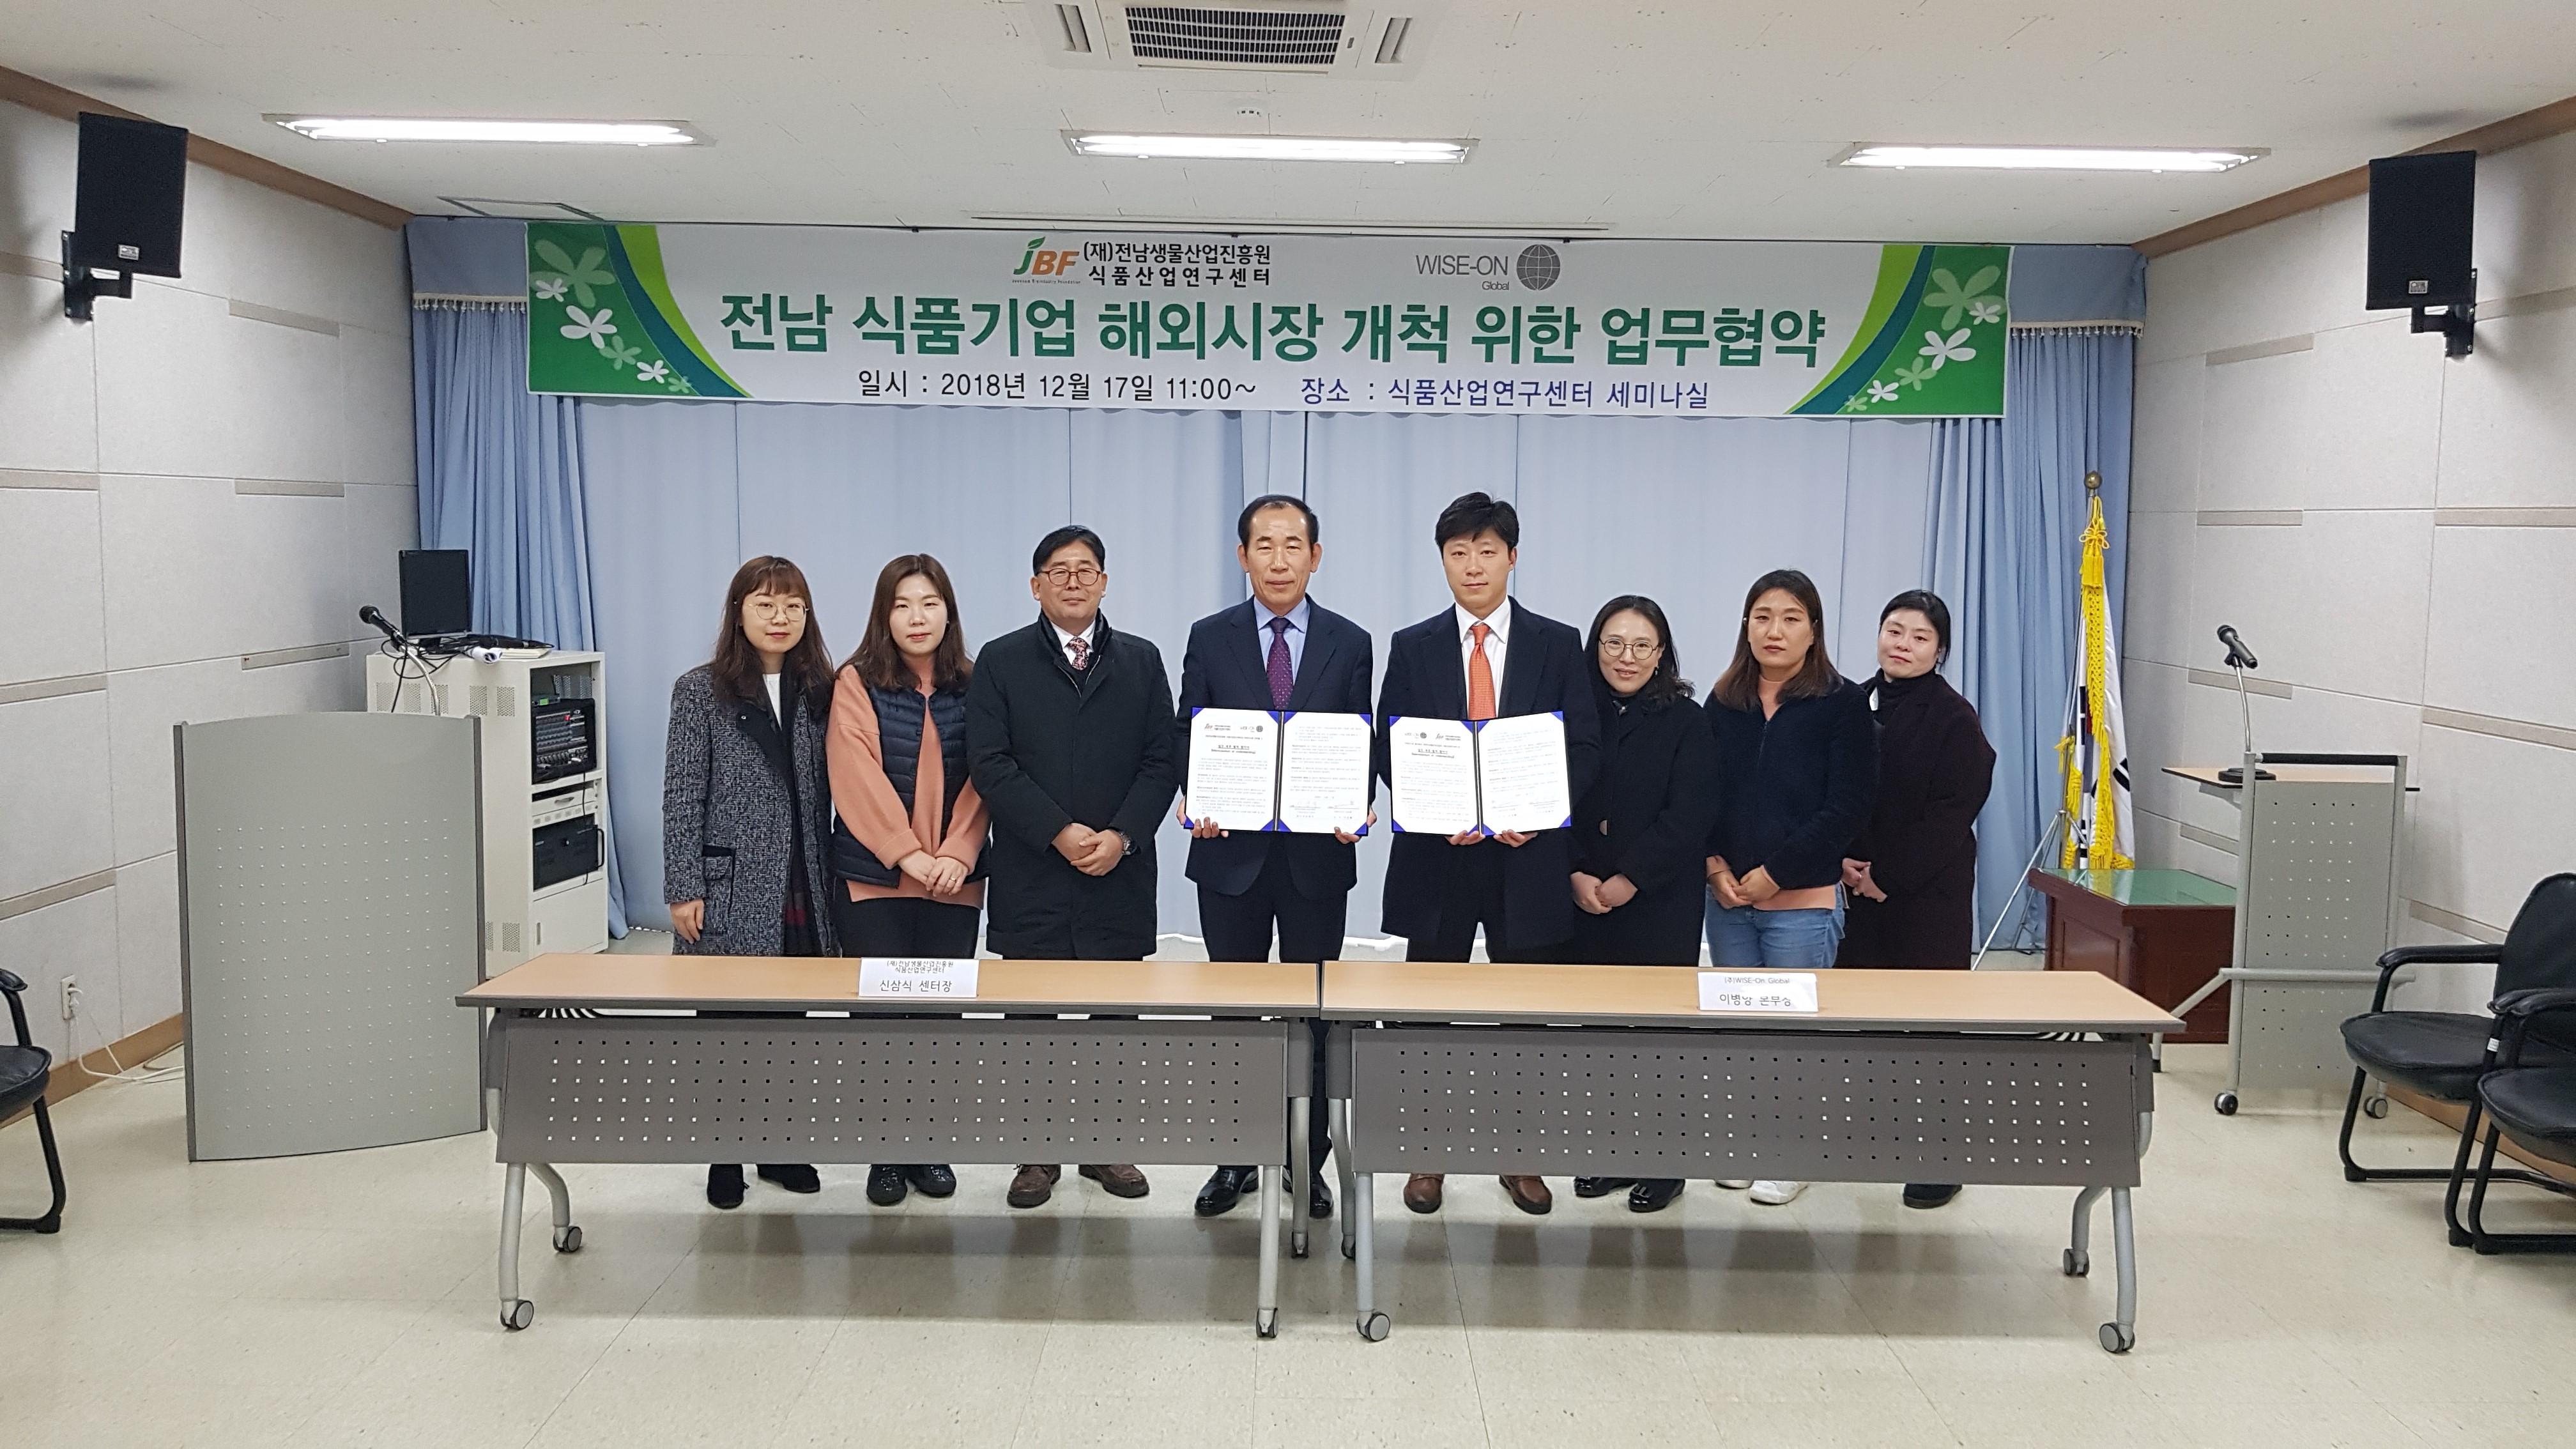 전남식품산업연구센터, 식품기업 해외진출 앞장